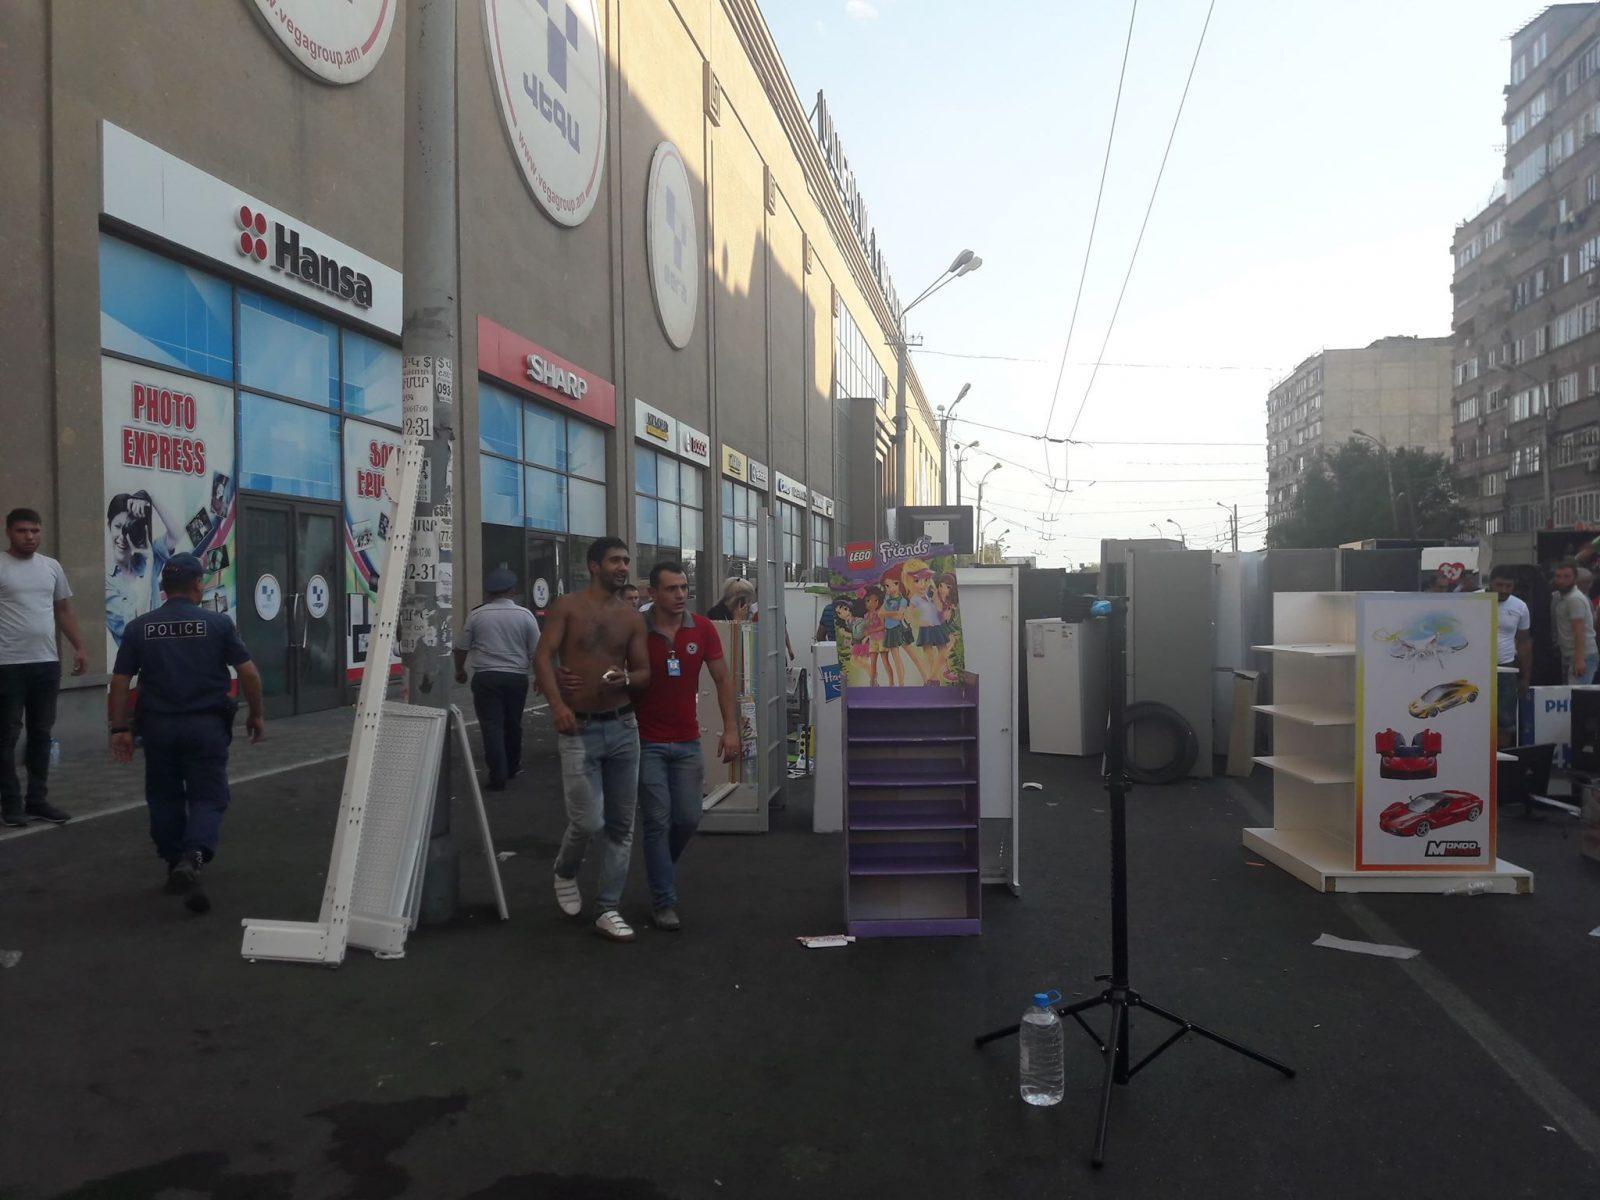 ՖՈՏՈՇԱՐՔ. Ինչպես են Սամվել Ալեքսանյանի հրահանգից հետո աշխատողները ծխահարվելով տարհանում ապրանքները